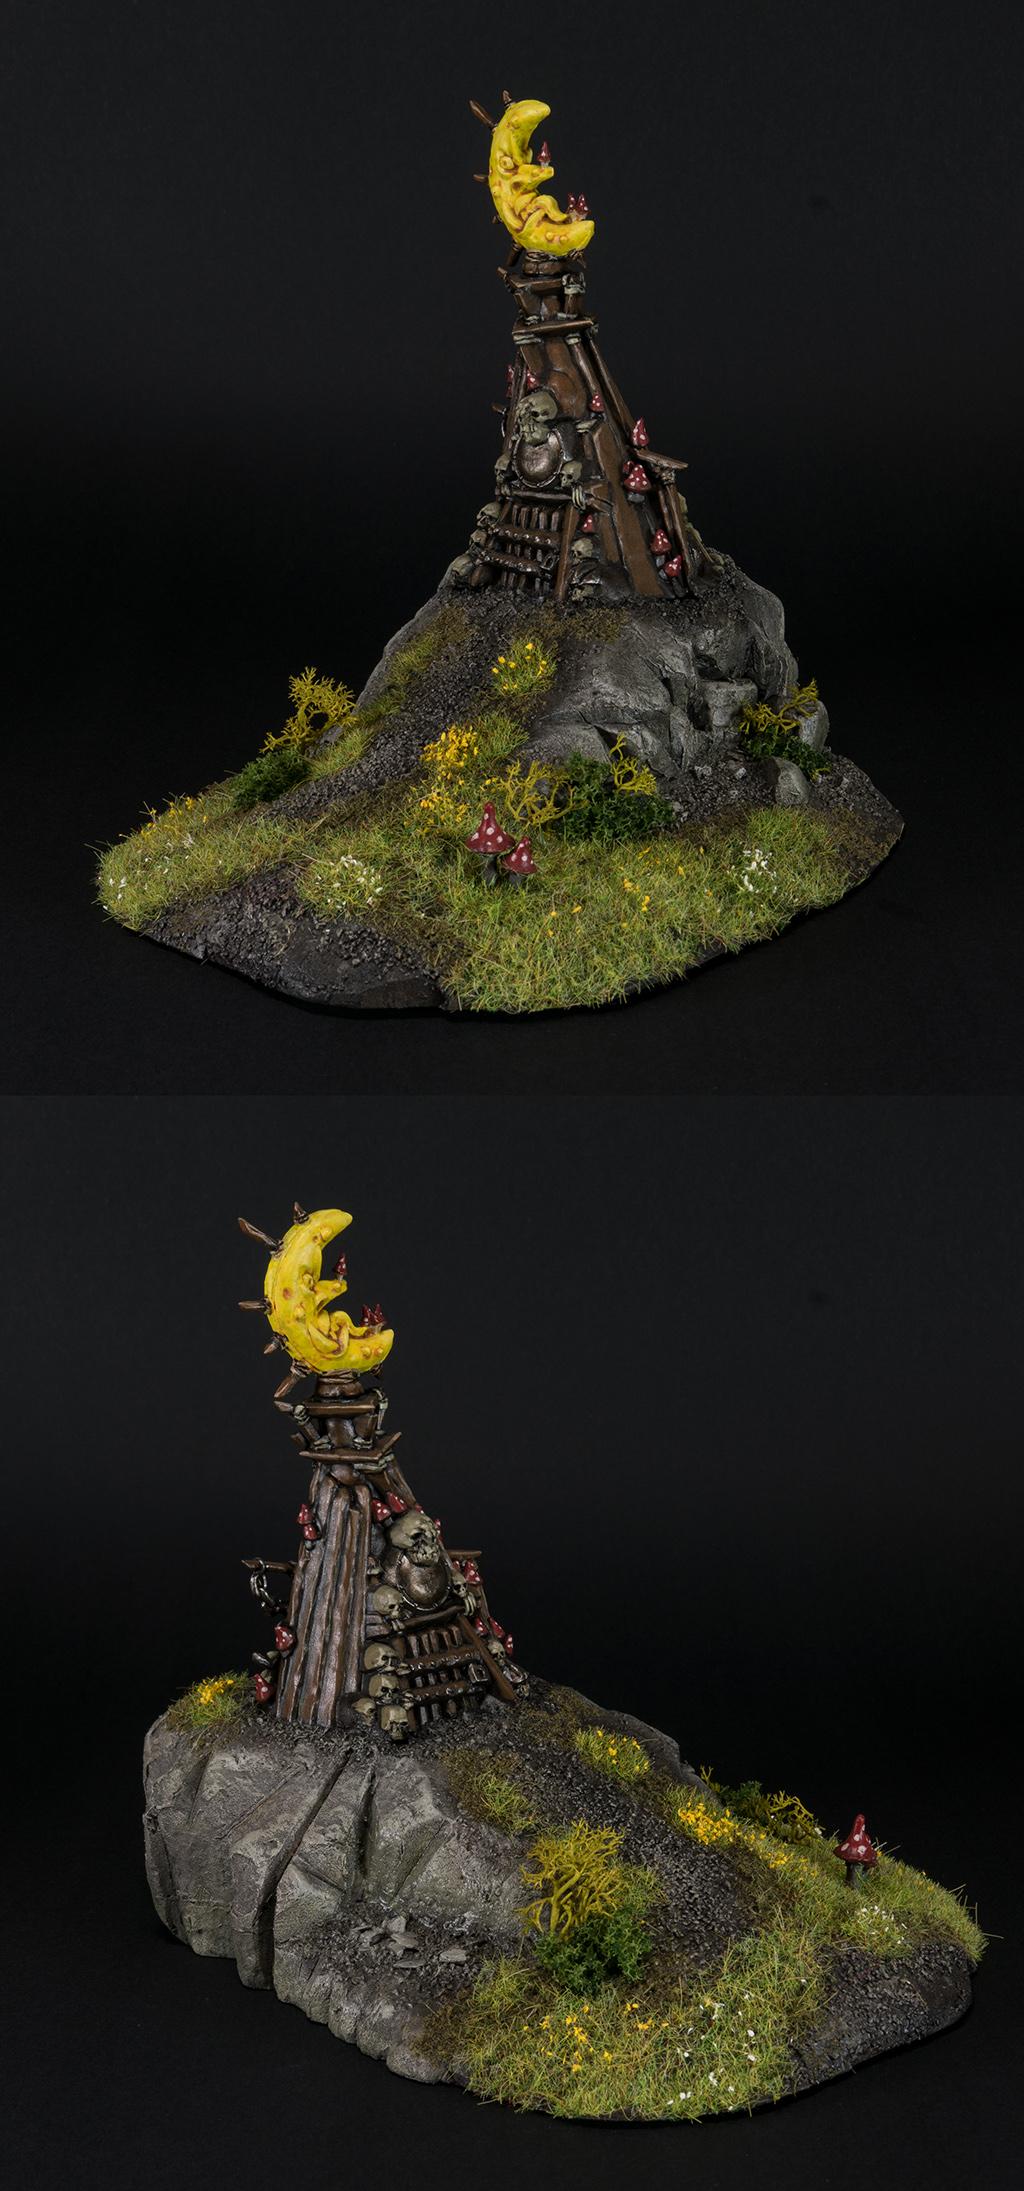 Goblin_Hut